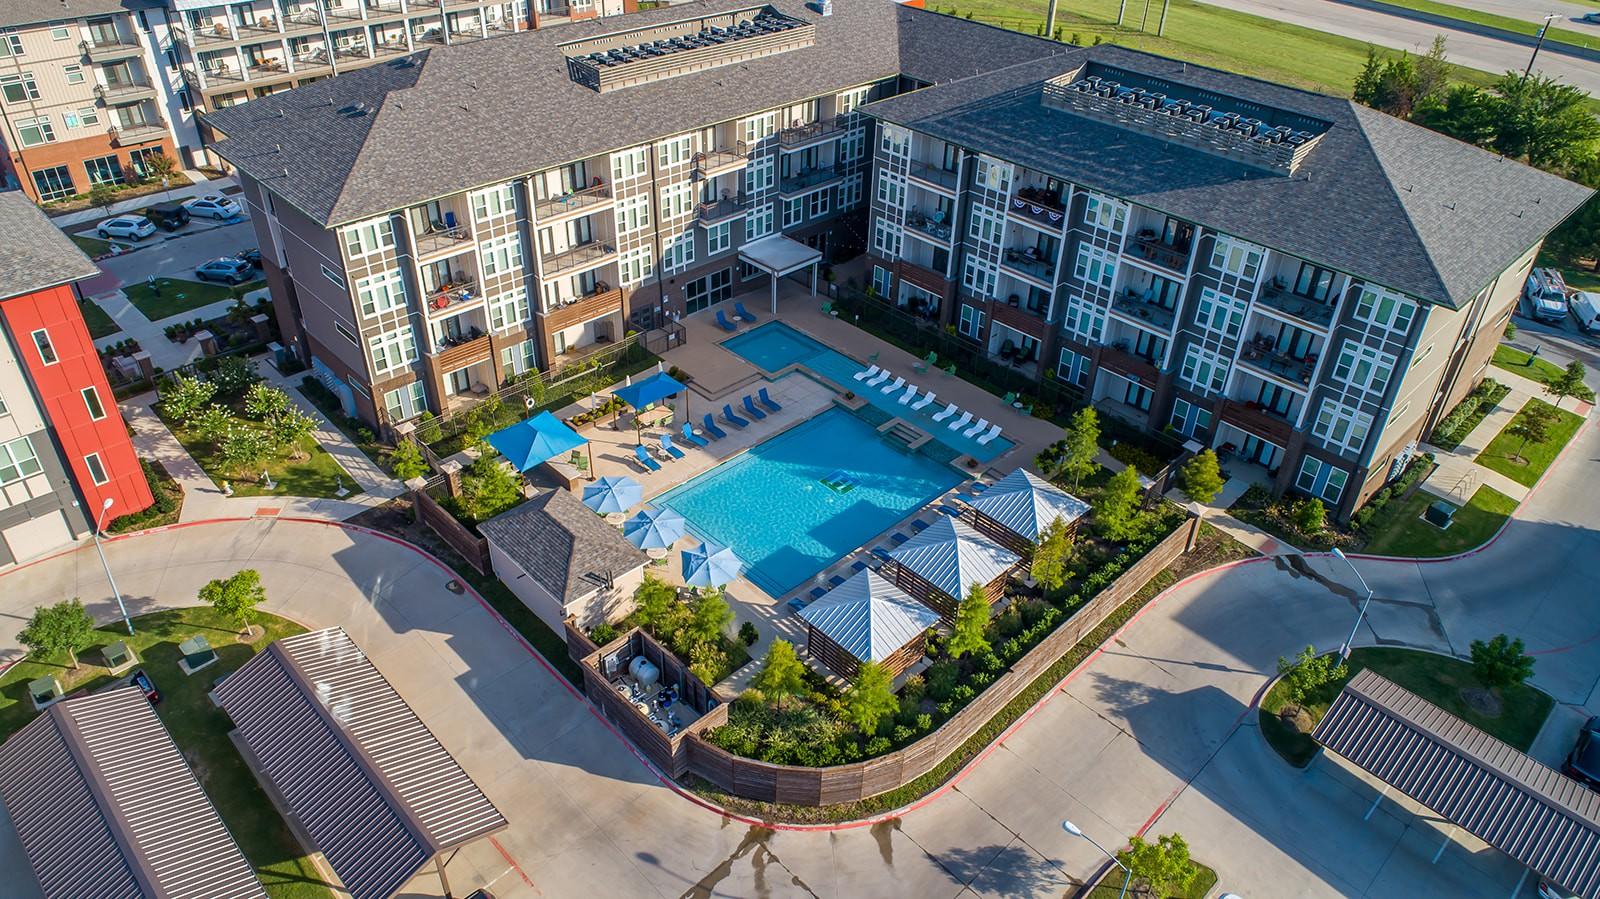 Harmony Luxury Apartments rental